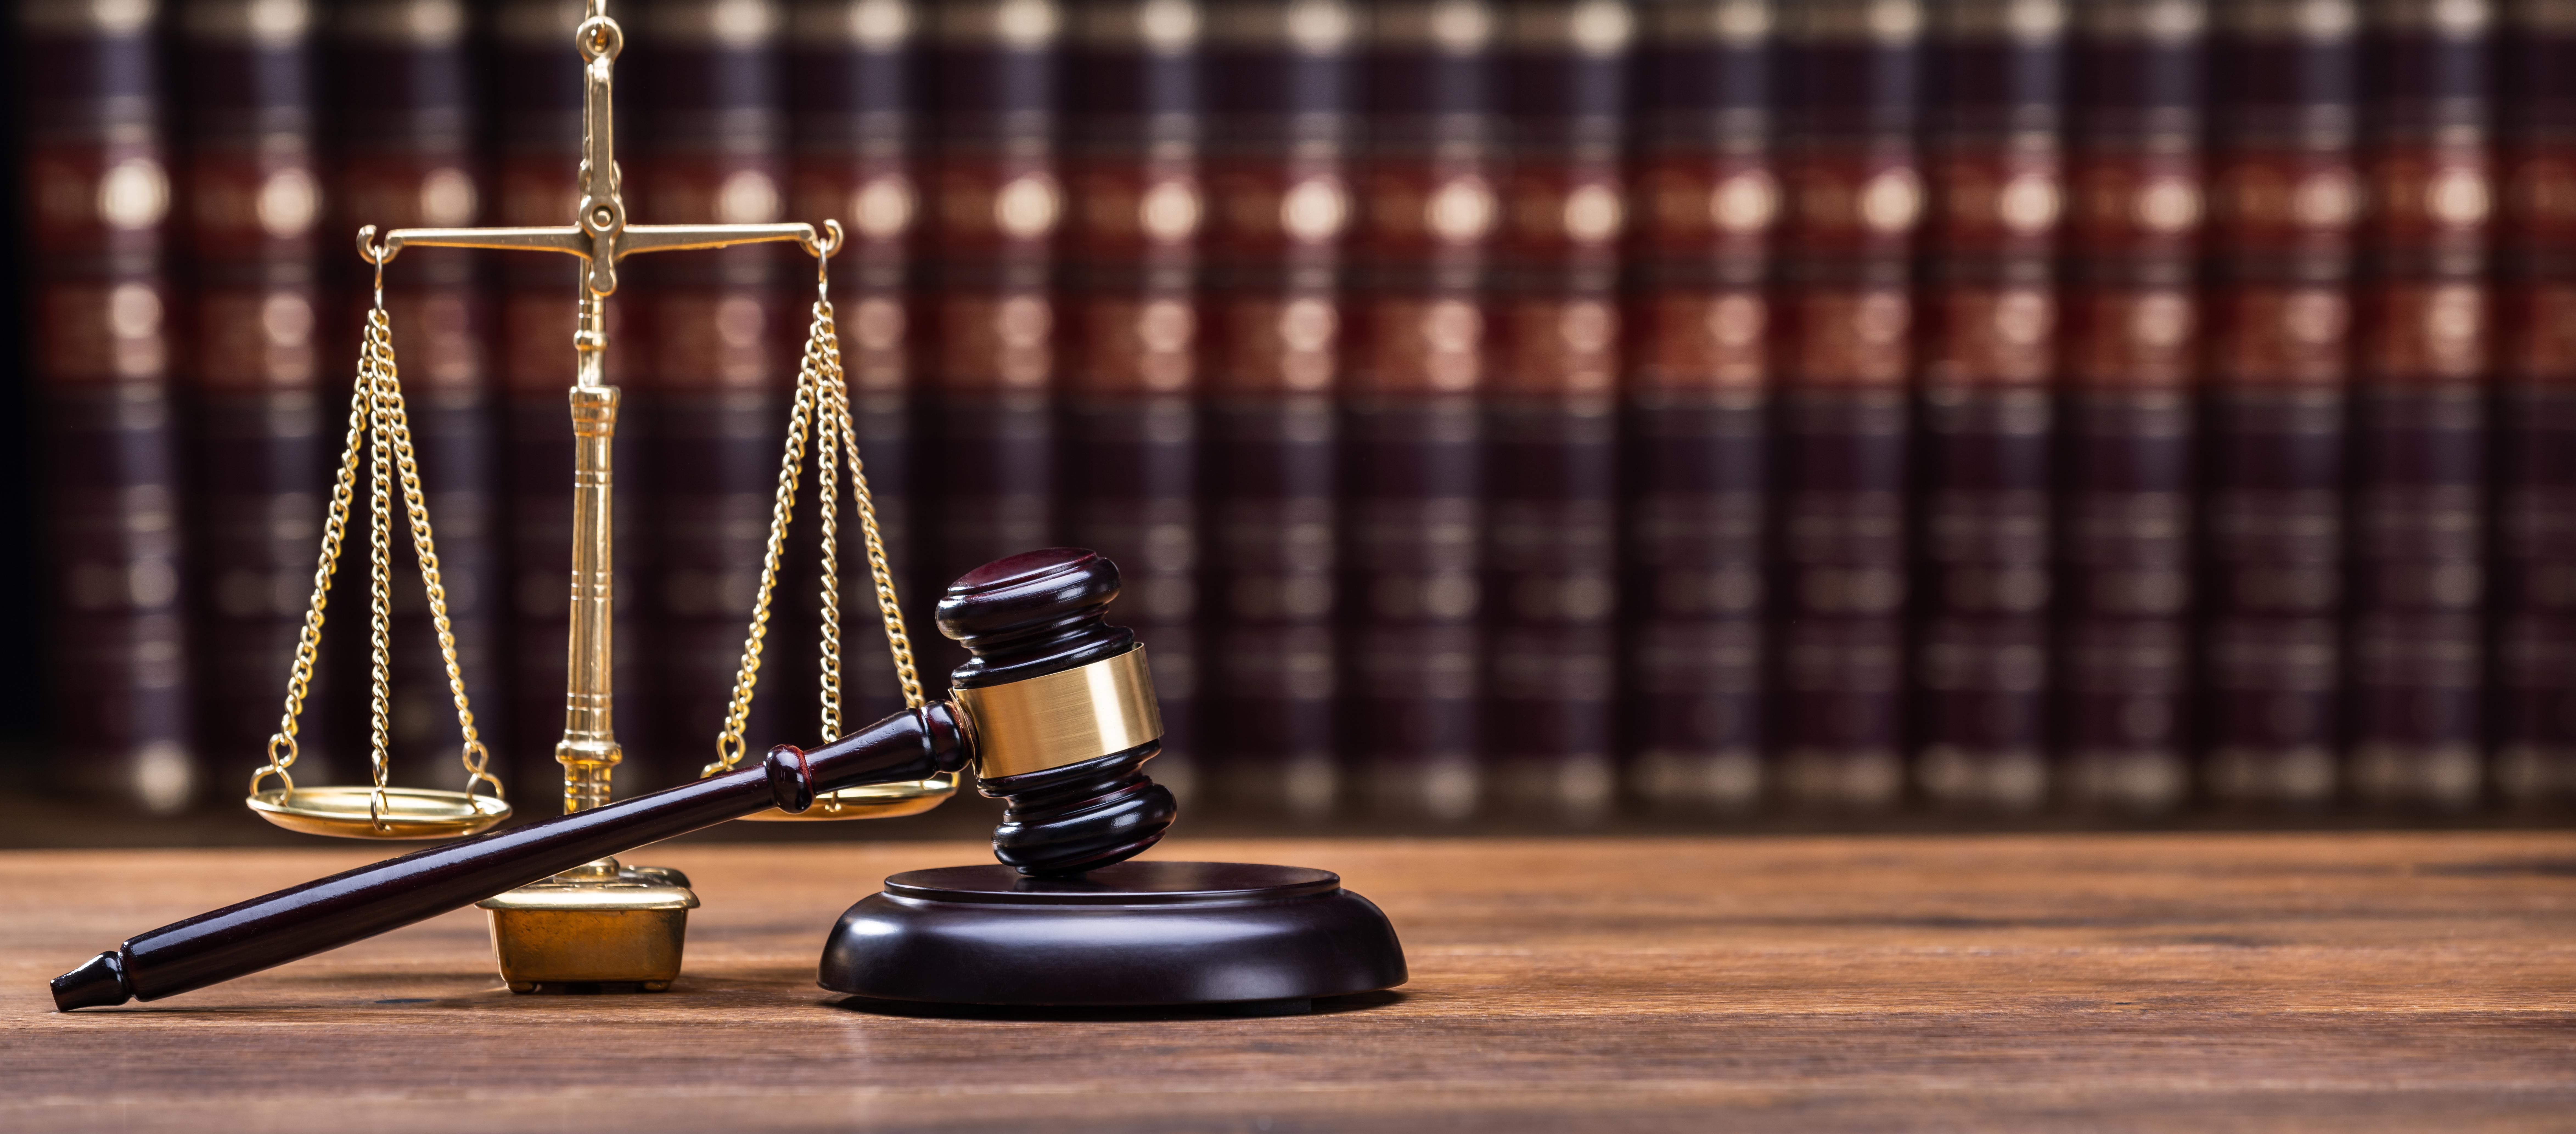 Wyrok SN w sprawie kredytów walutowych - posiedzenie Izby Cywilnej SN przełożone na 11 maja